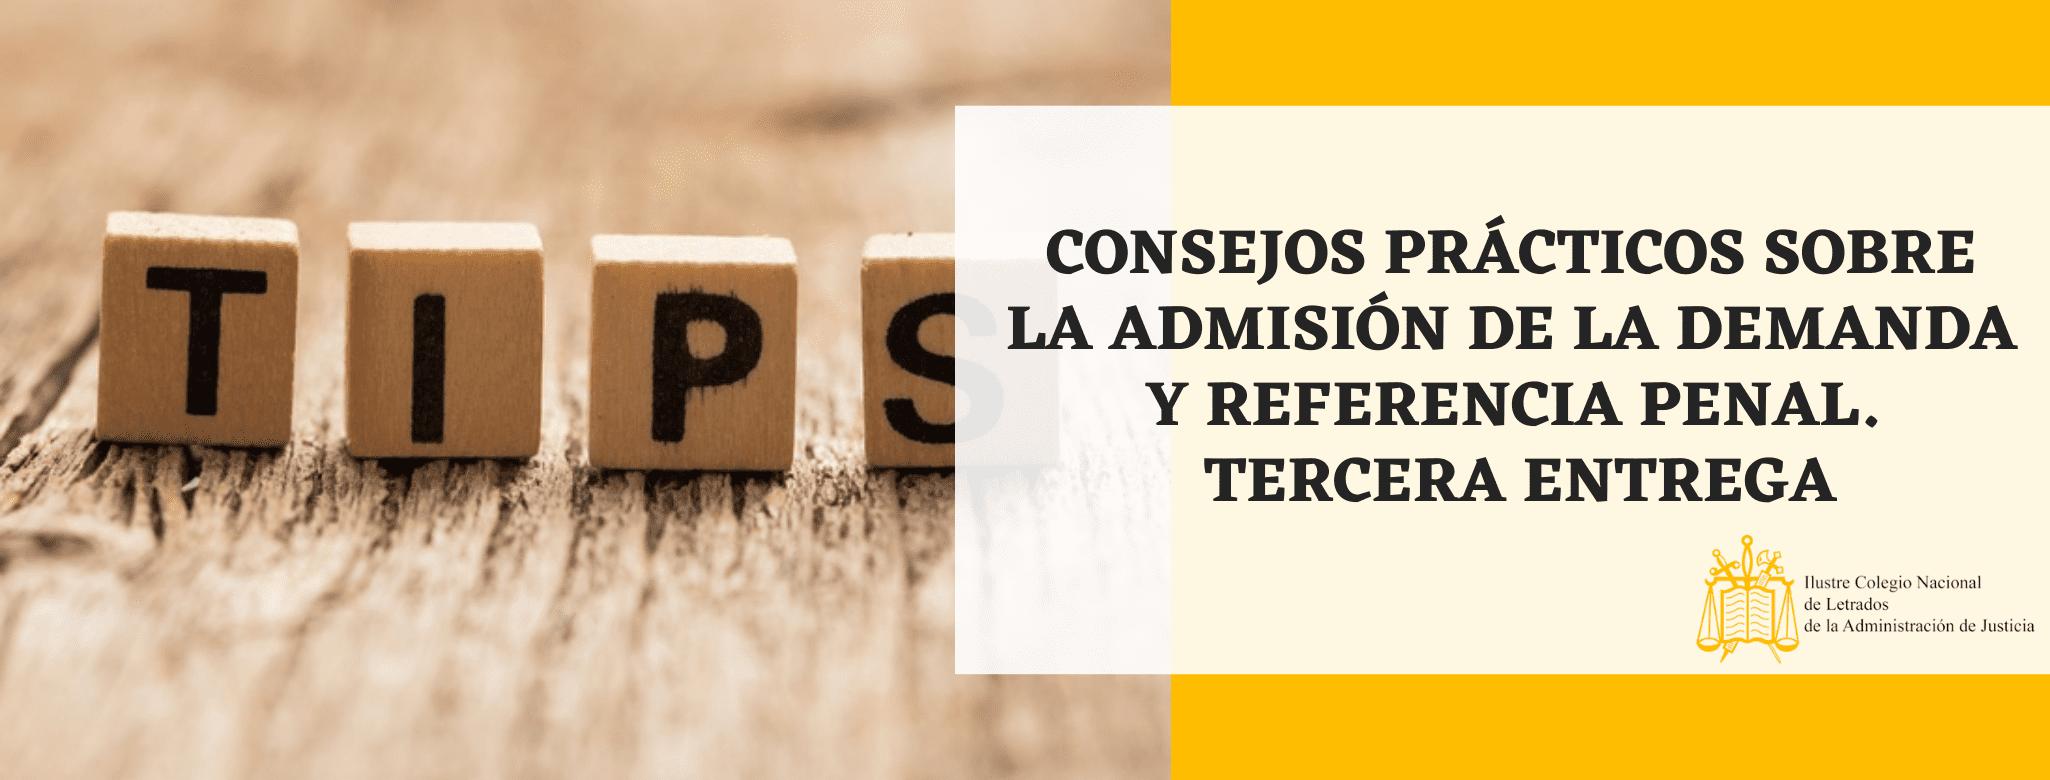 CONSEJOS PRÁCTICOS SOBRE LA ADMISIÓN DE LA DEMANDA Y REFERENCIA PENAL Letrados Justicia